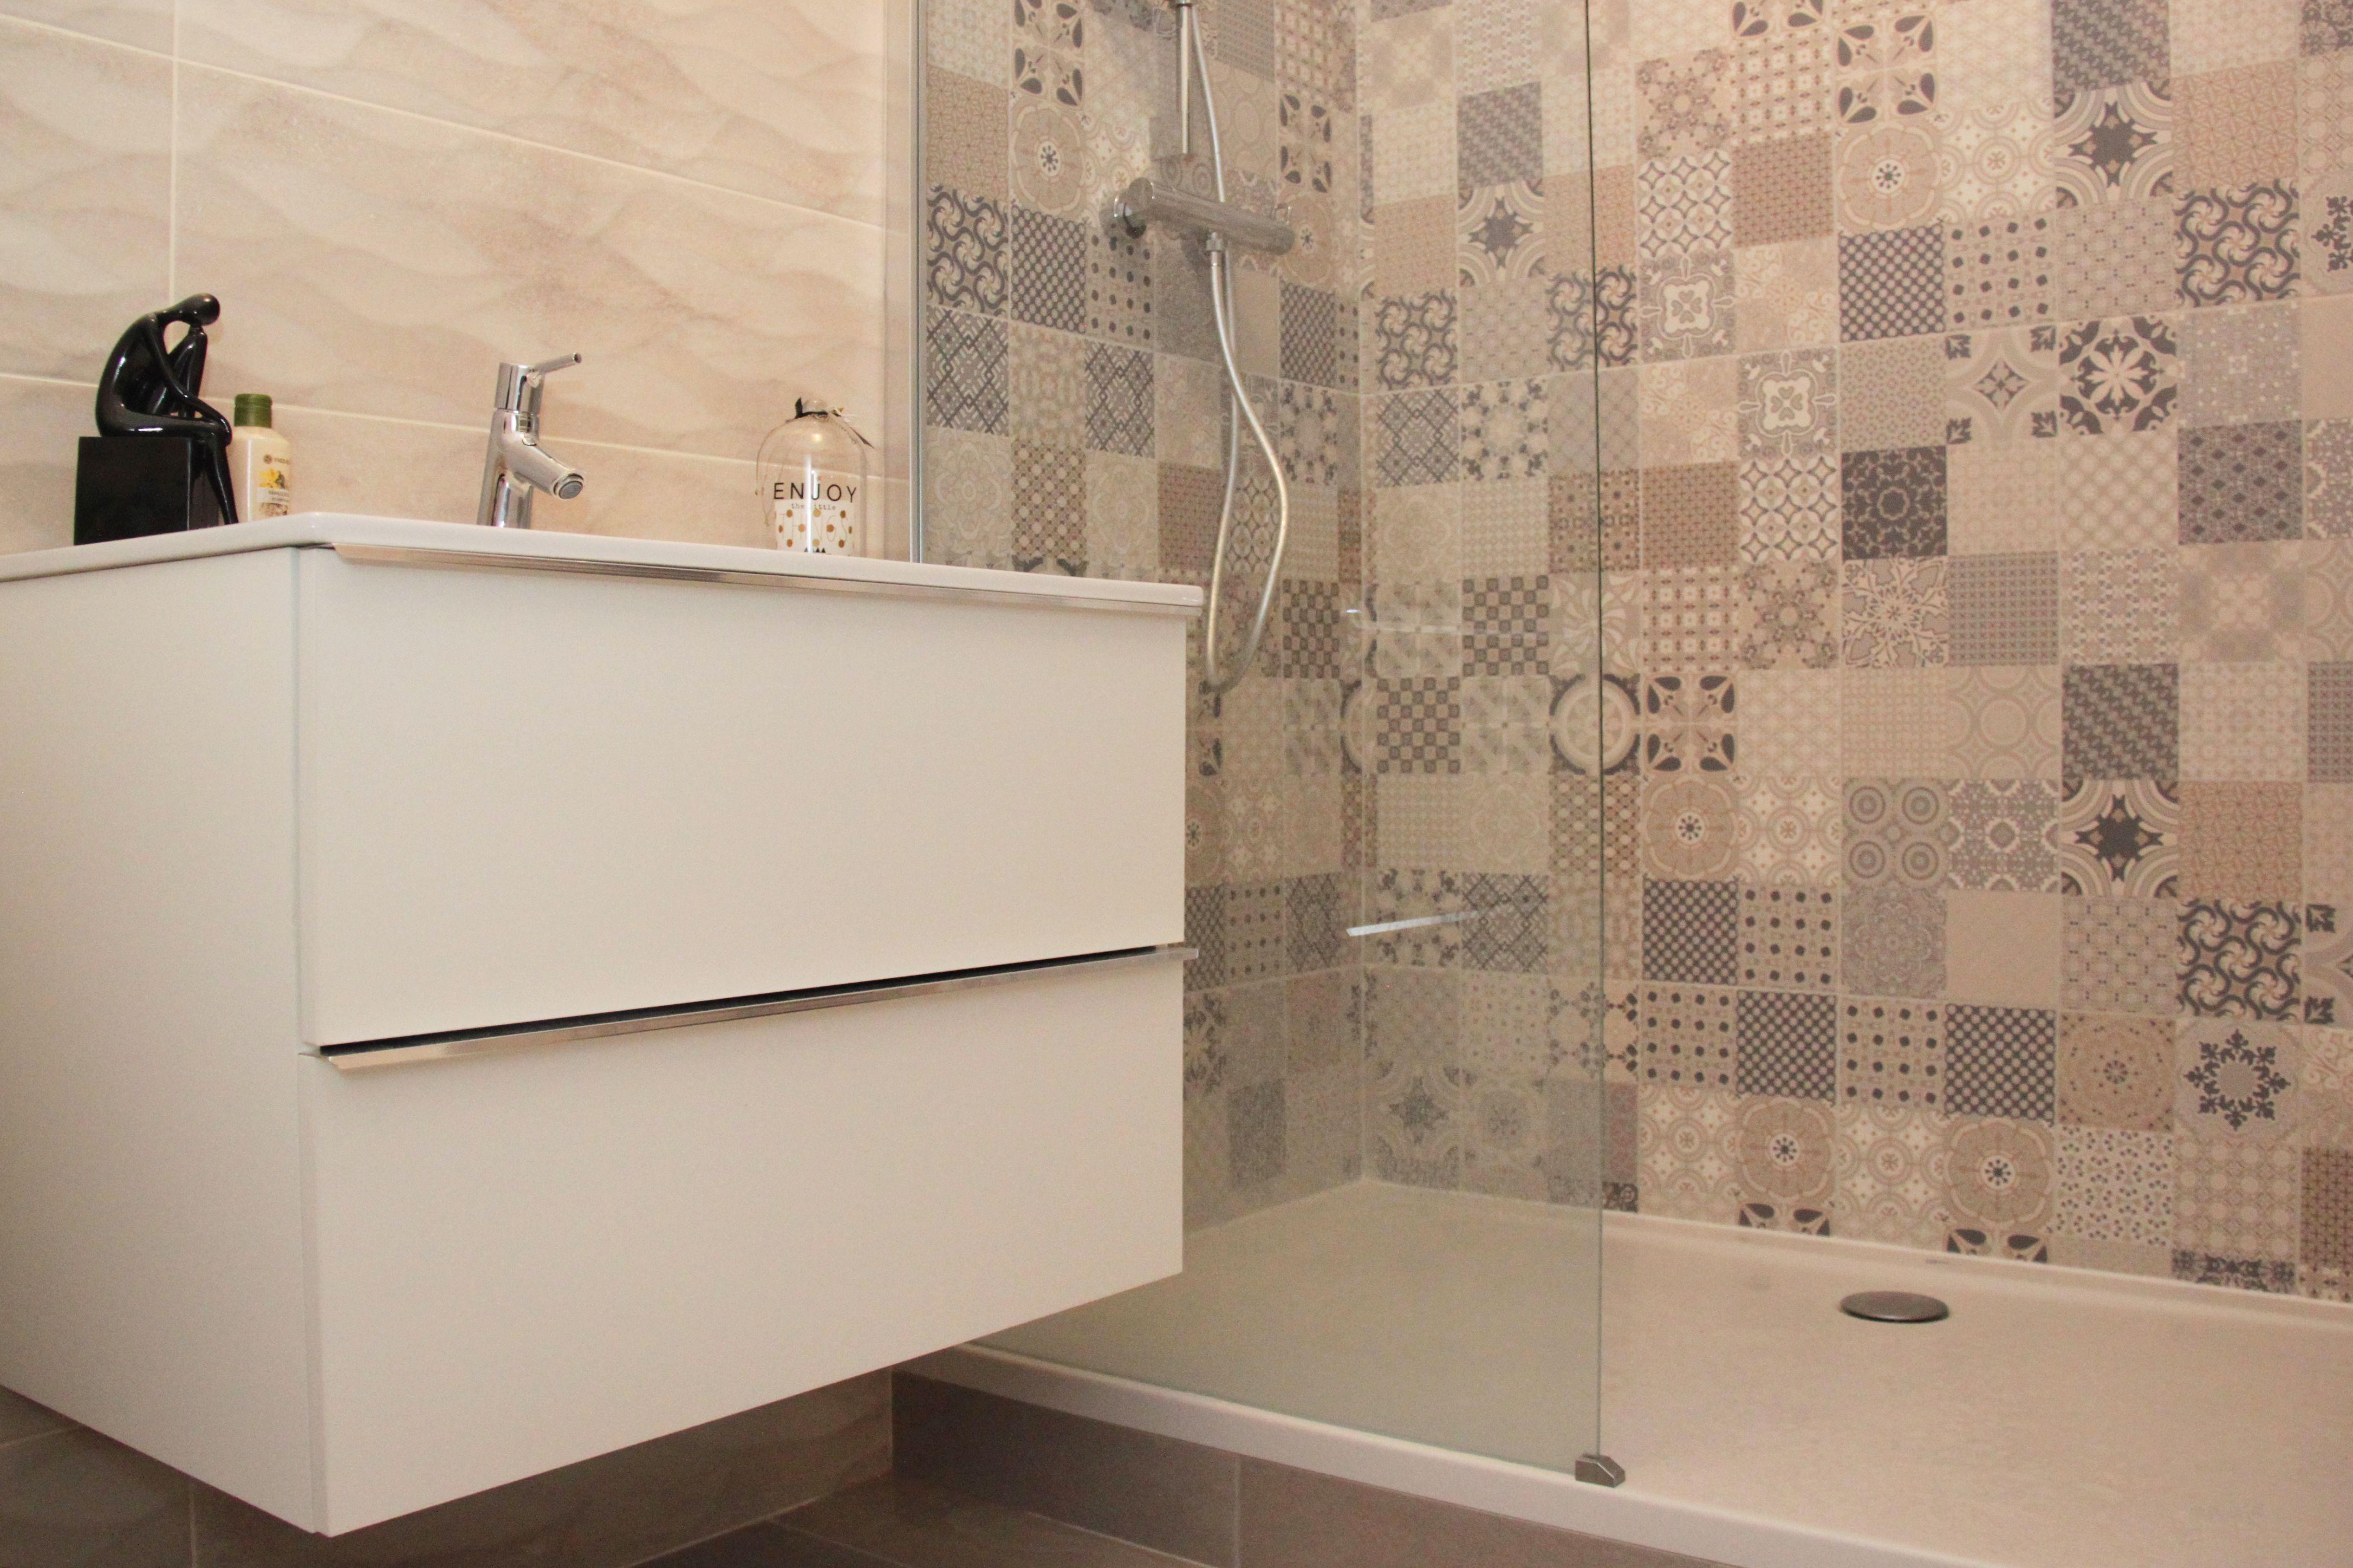 meuble de salle de bain blanc  tiroir avec carrelage vague et